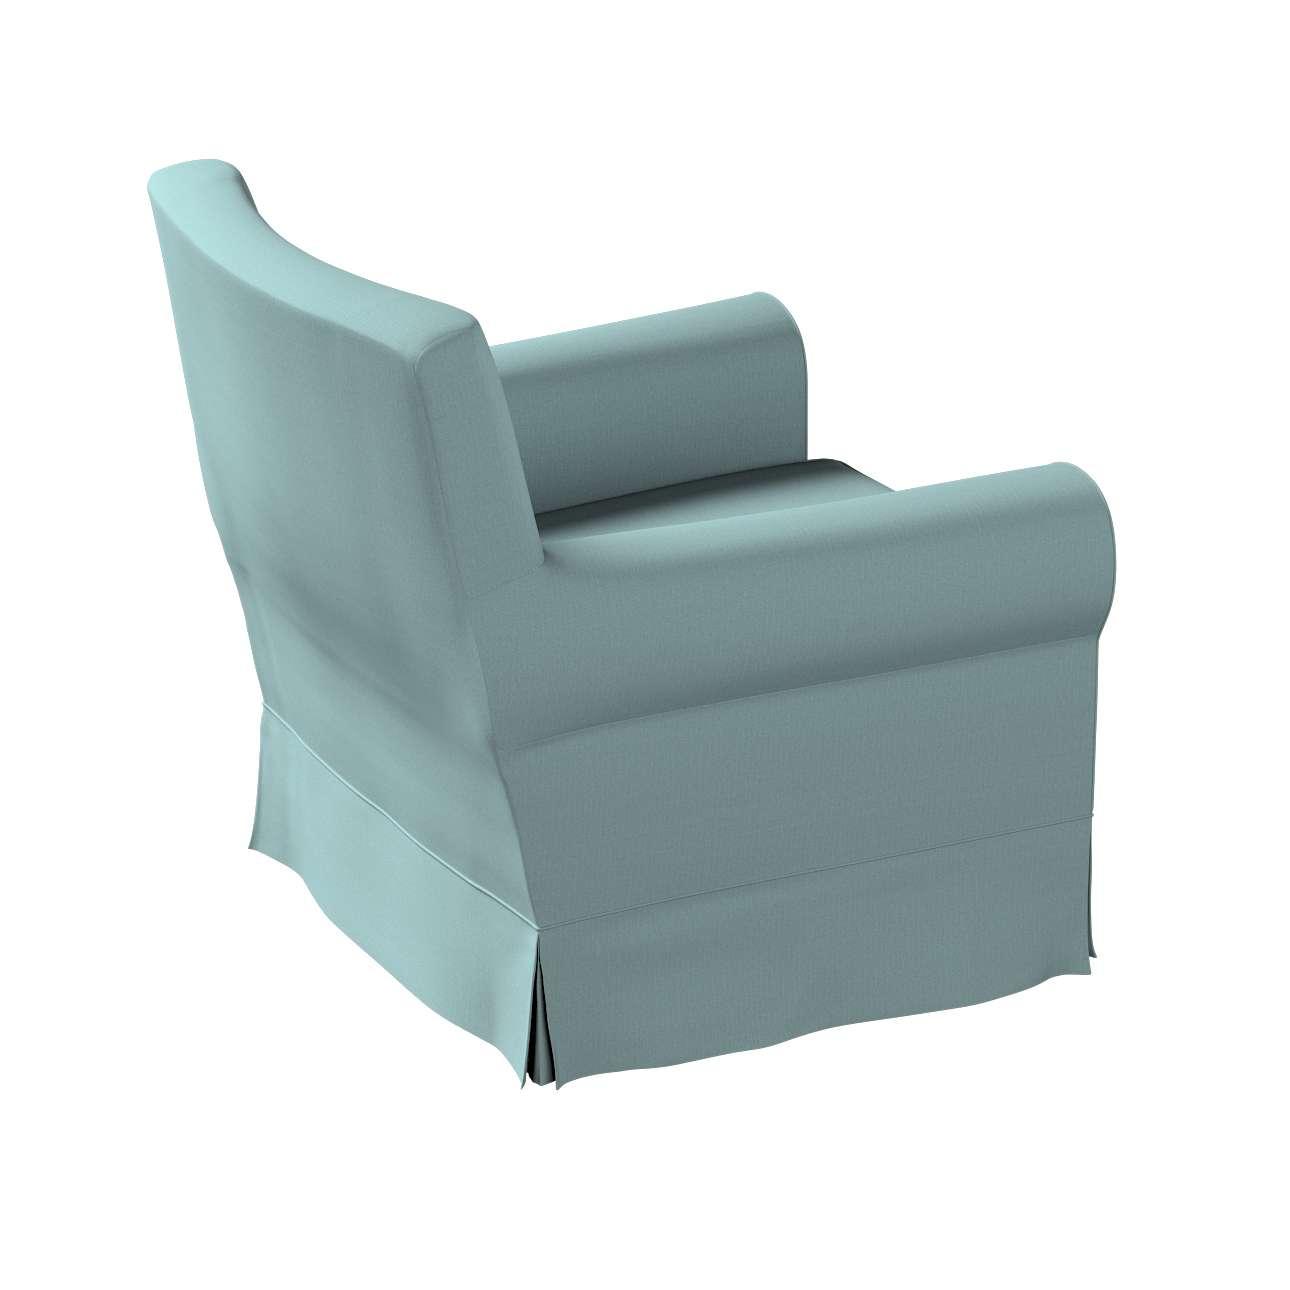 Pokrowiec na fotel Ektorp Jennylund w kolekcji Cotton Panama, tkanina: 702-40